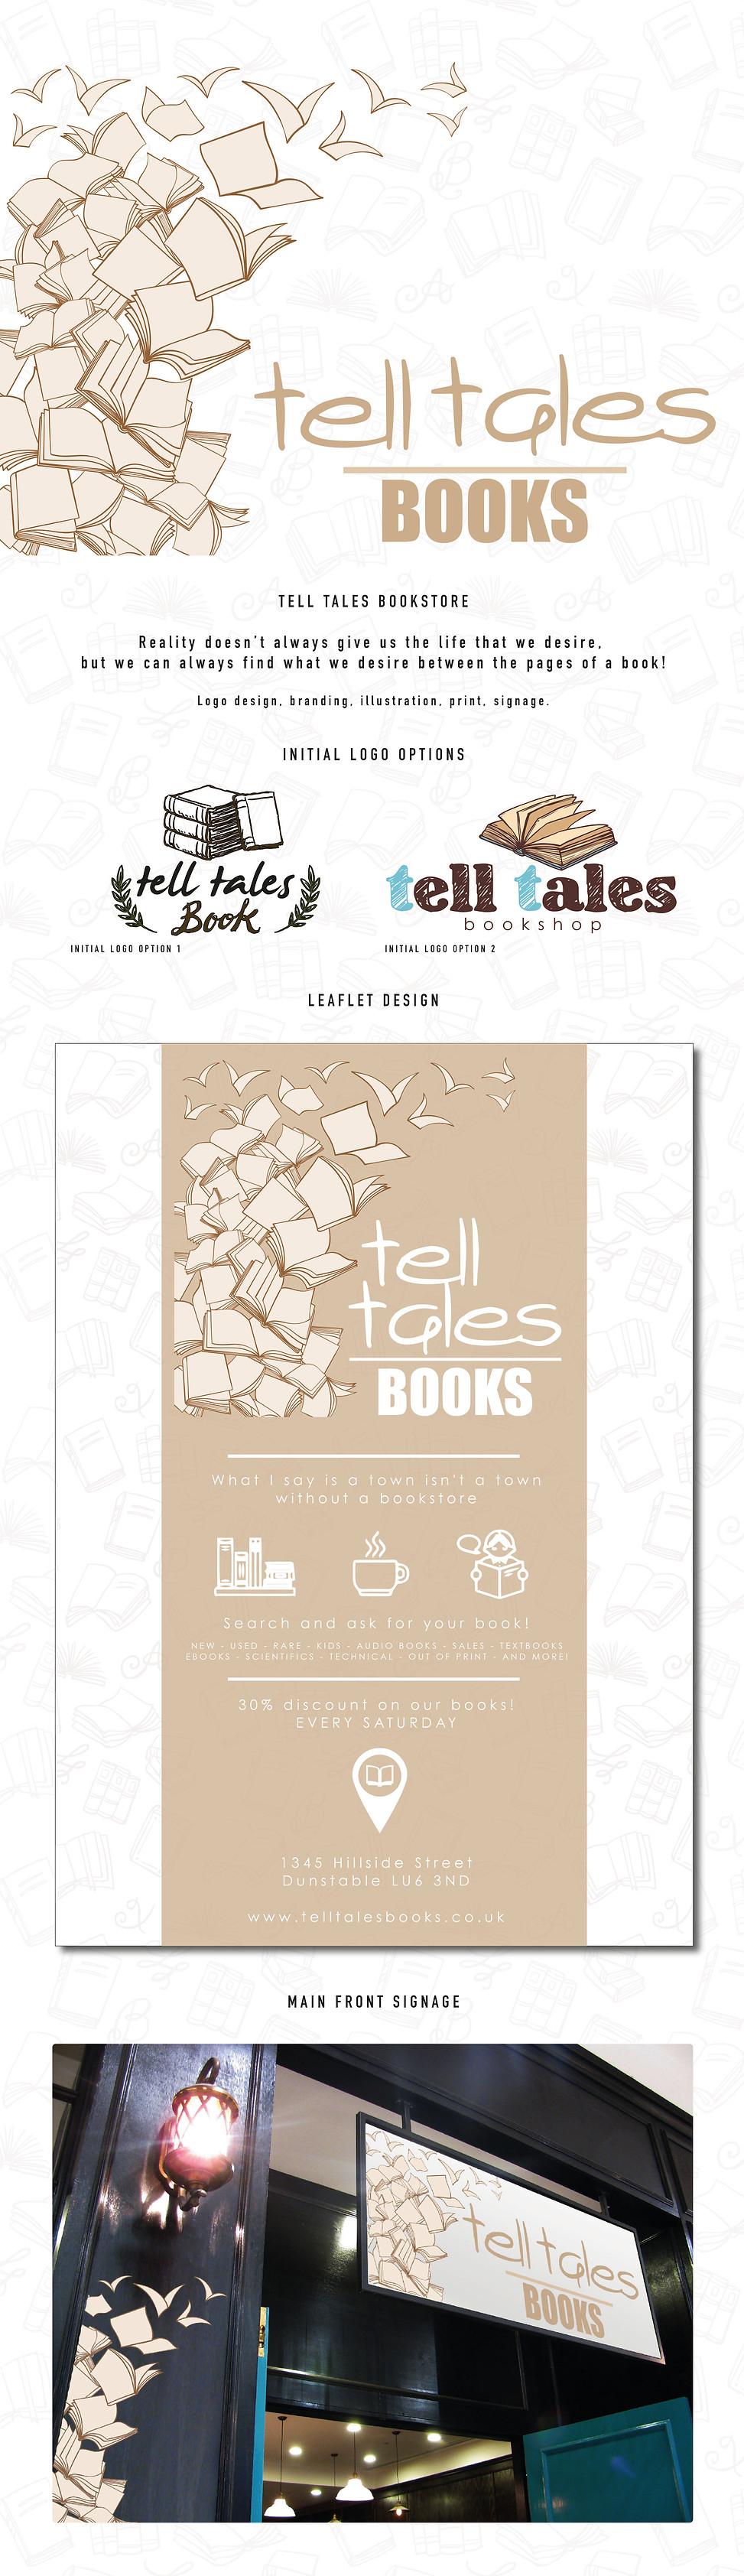 Tell Tales-01.jpg